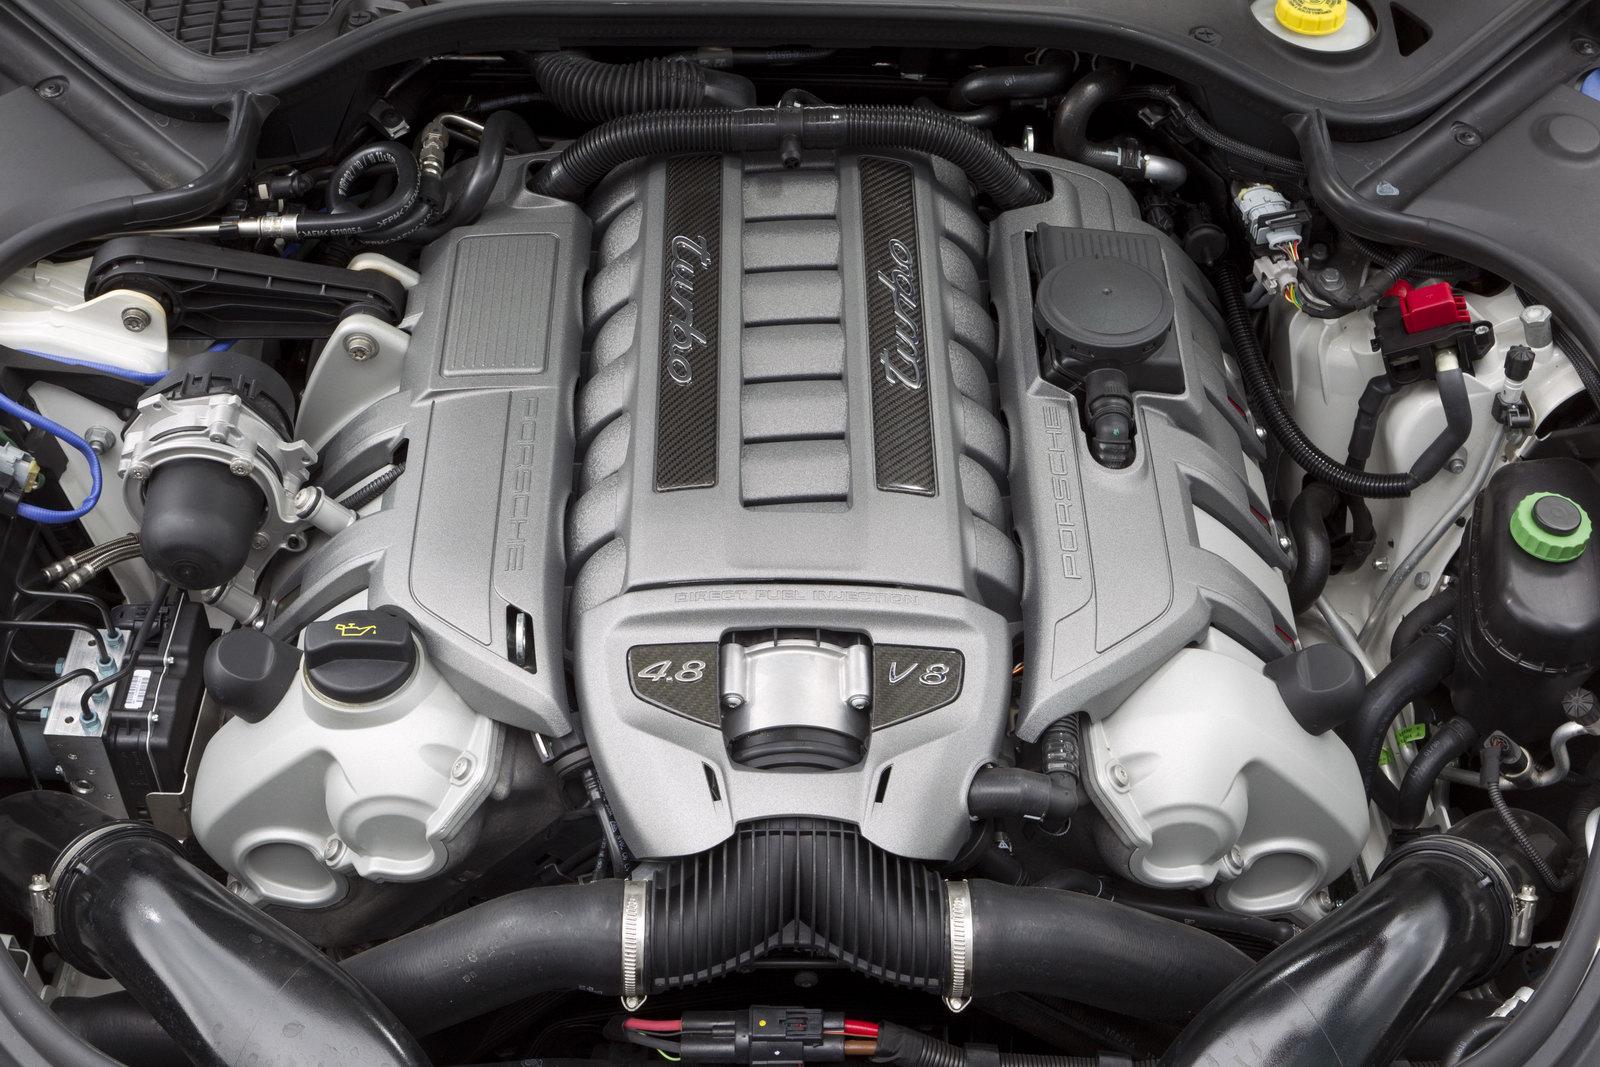 Porsche V8 4.8